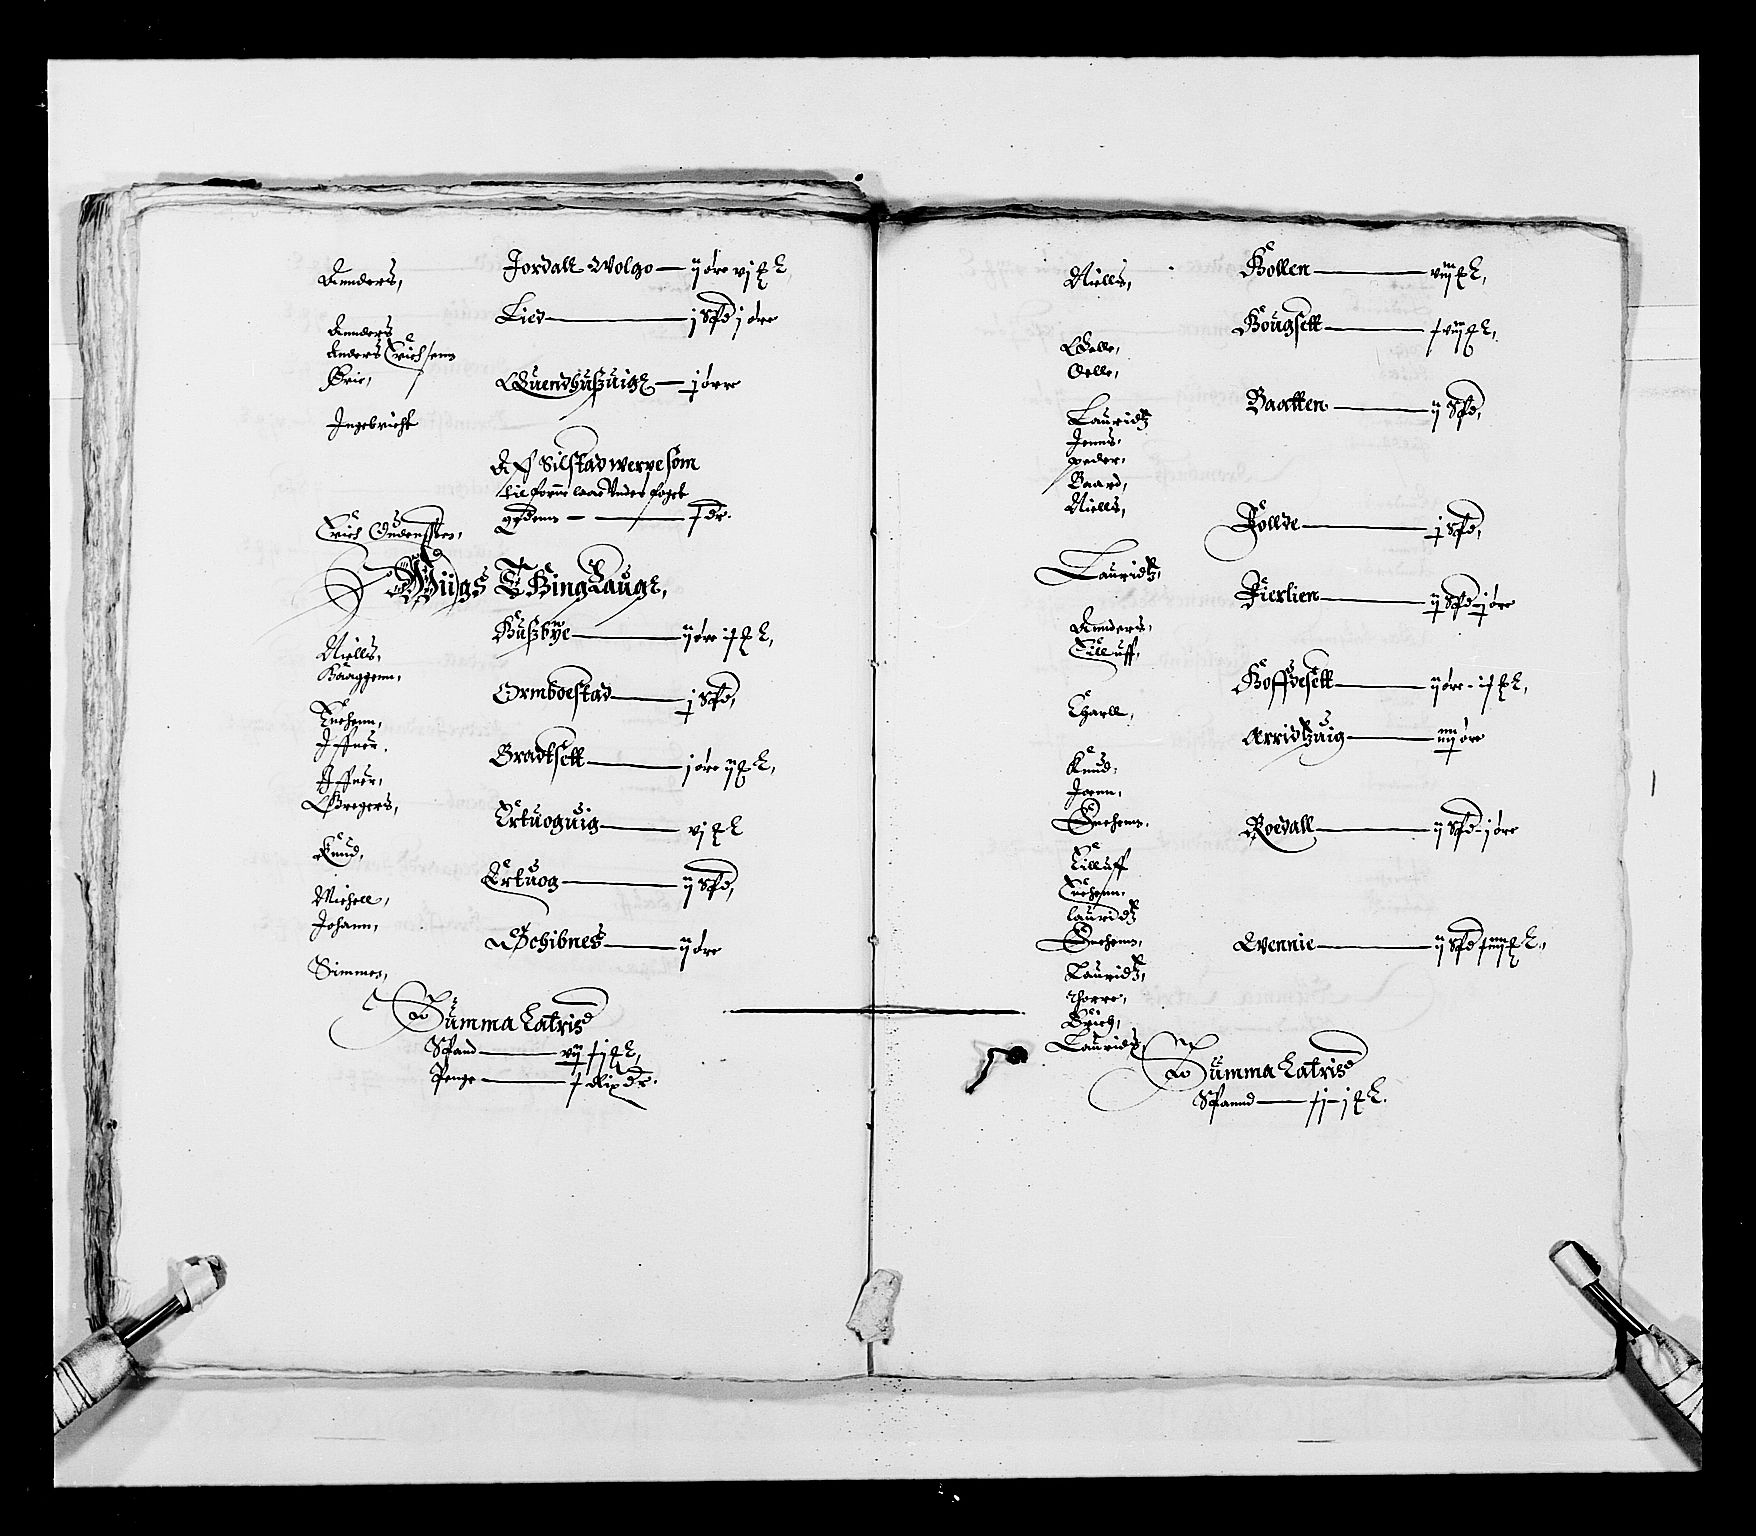 RA, Stattholderembetet 1572-1771, Ek/L0028: Jordebøker 1633-1658:, 1645-1646, s. 42